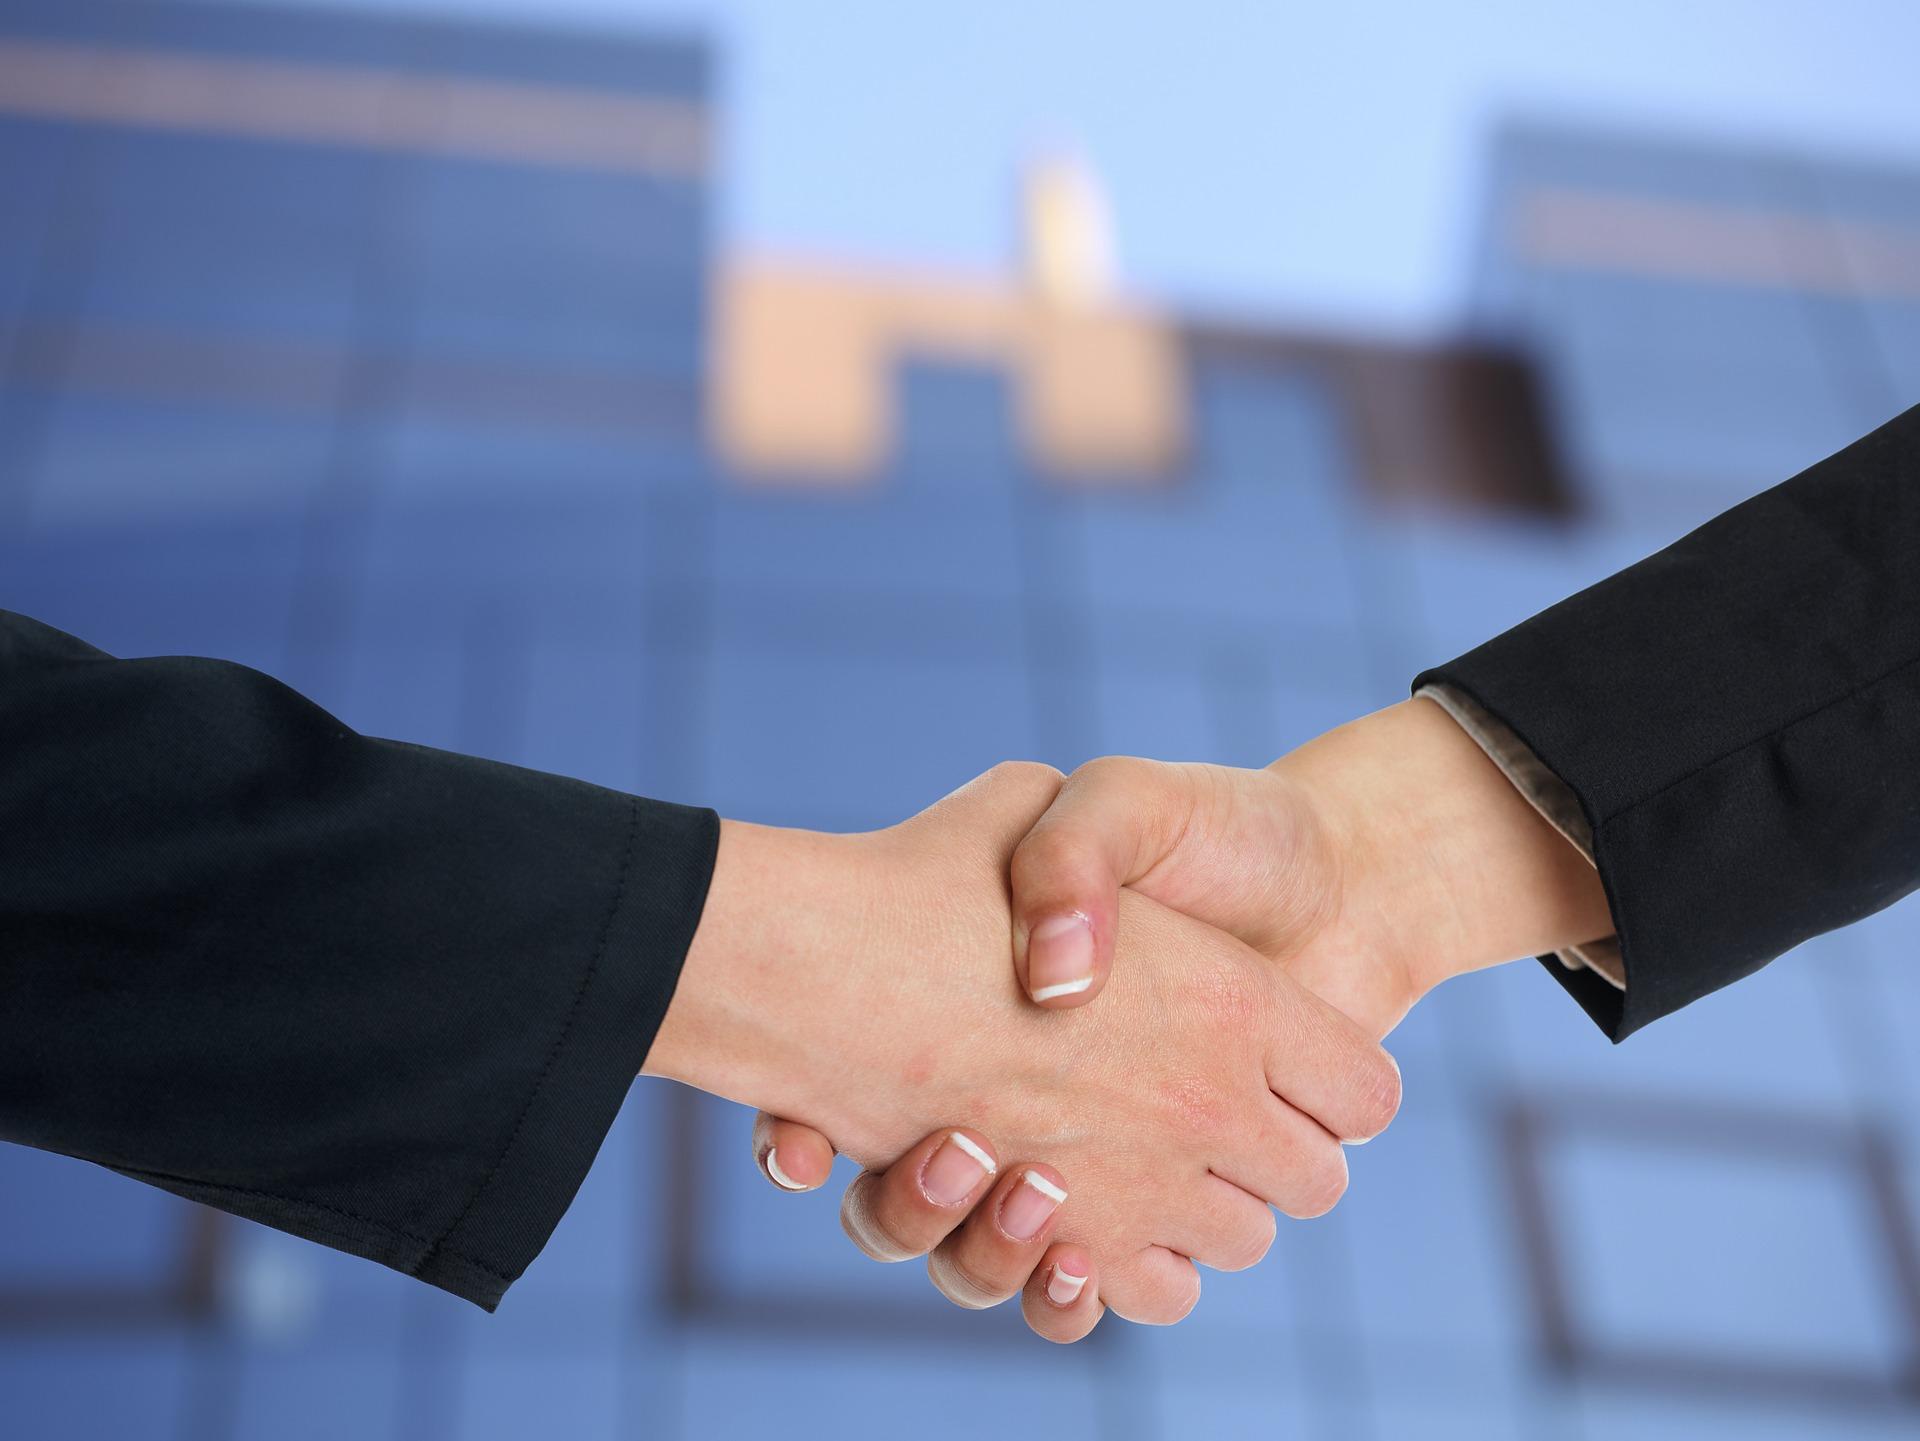 Handshake 3298455 1920